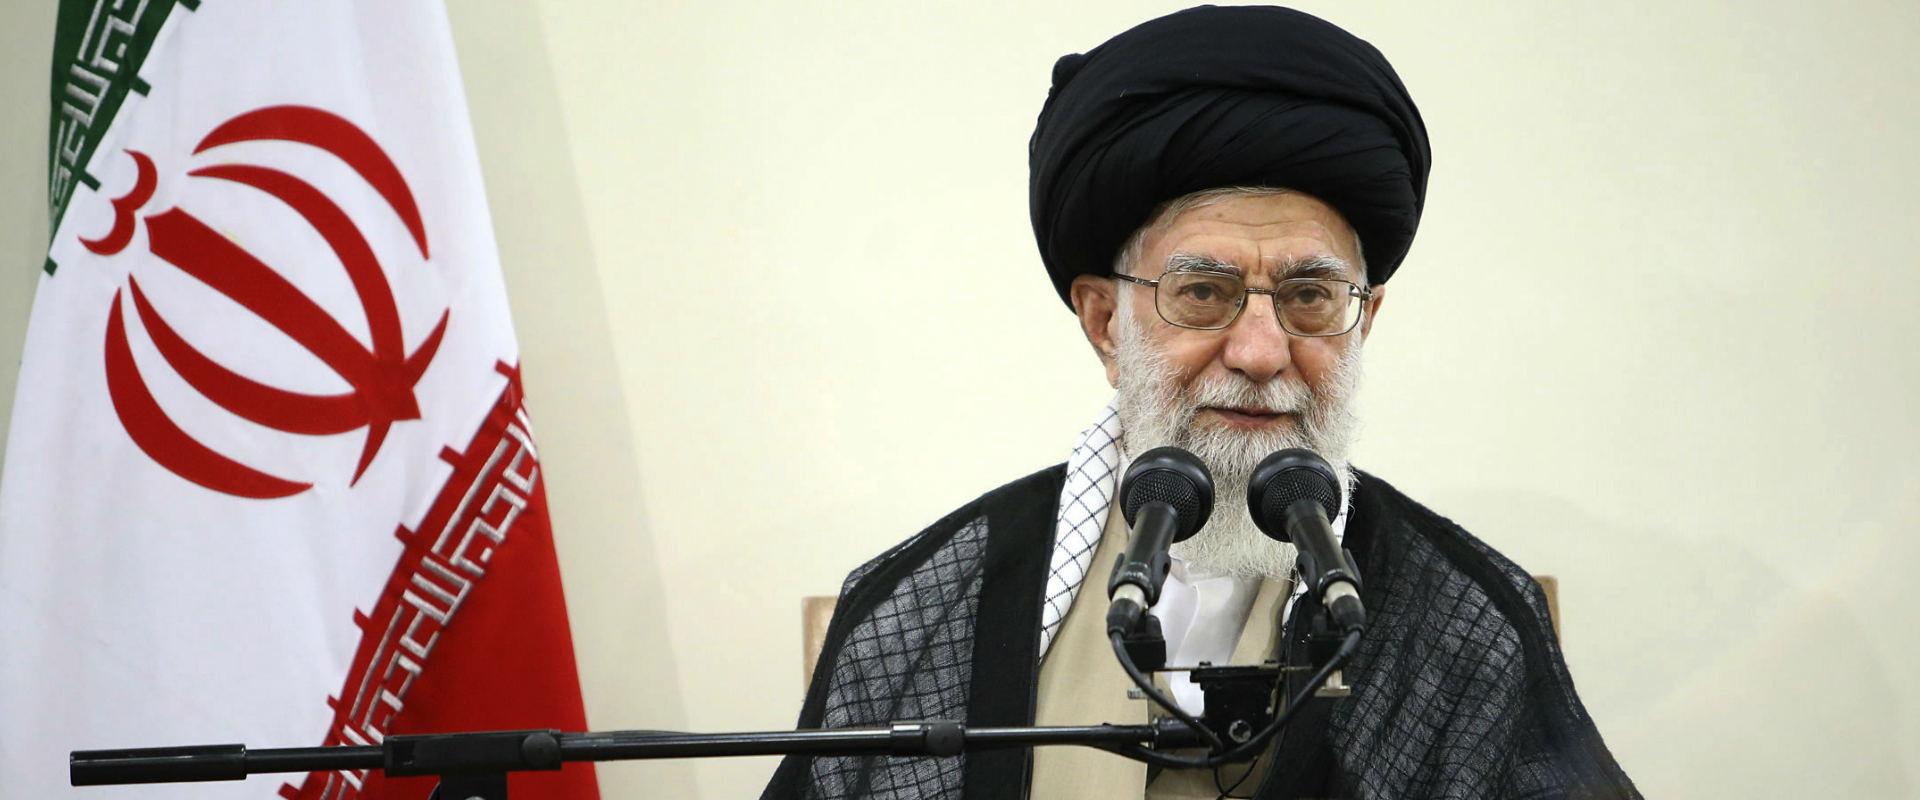 המנהיג העליון של איראן, אייתולה עלי חמינאי